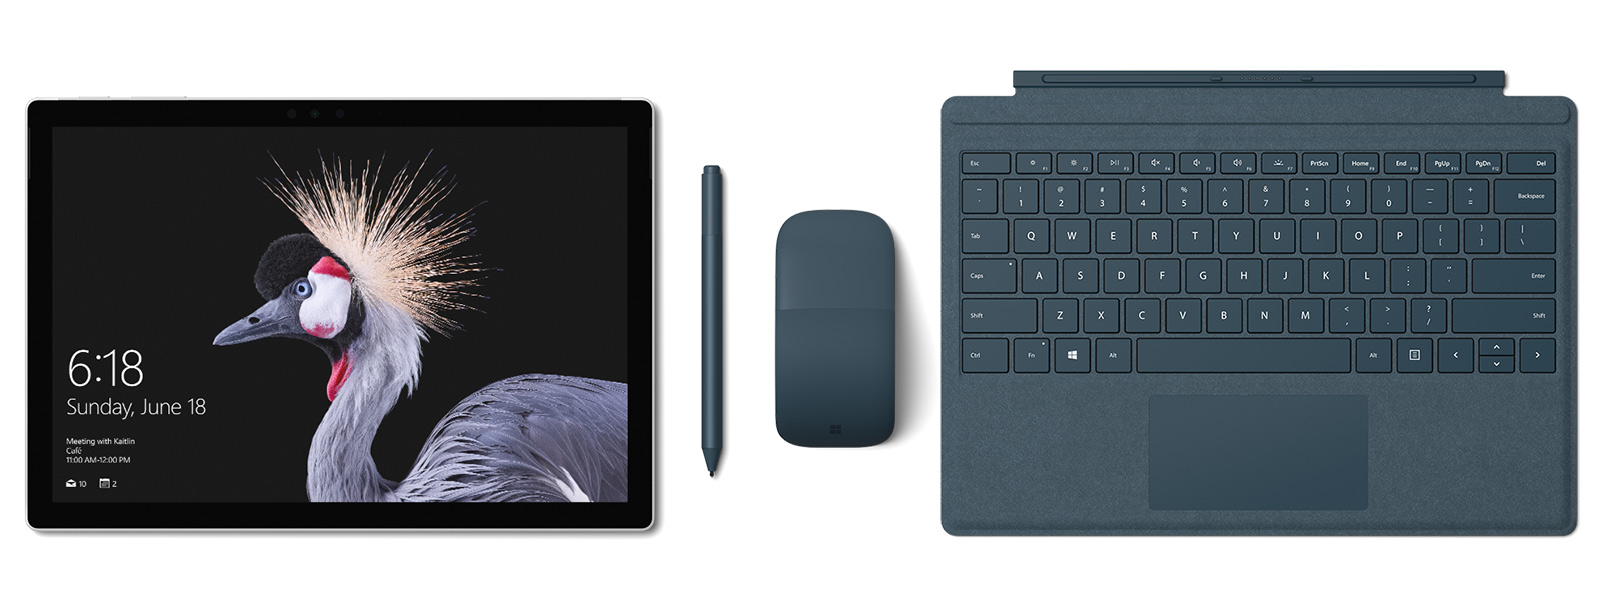 コバルト ブルーの Surface Pro Signature タイプ カバー、 Surface ペンと Surface Arc Mouse を備えた Surface Pro の画像。Surface ペン附属